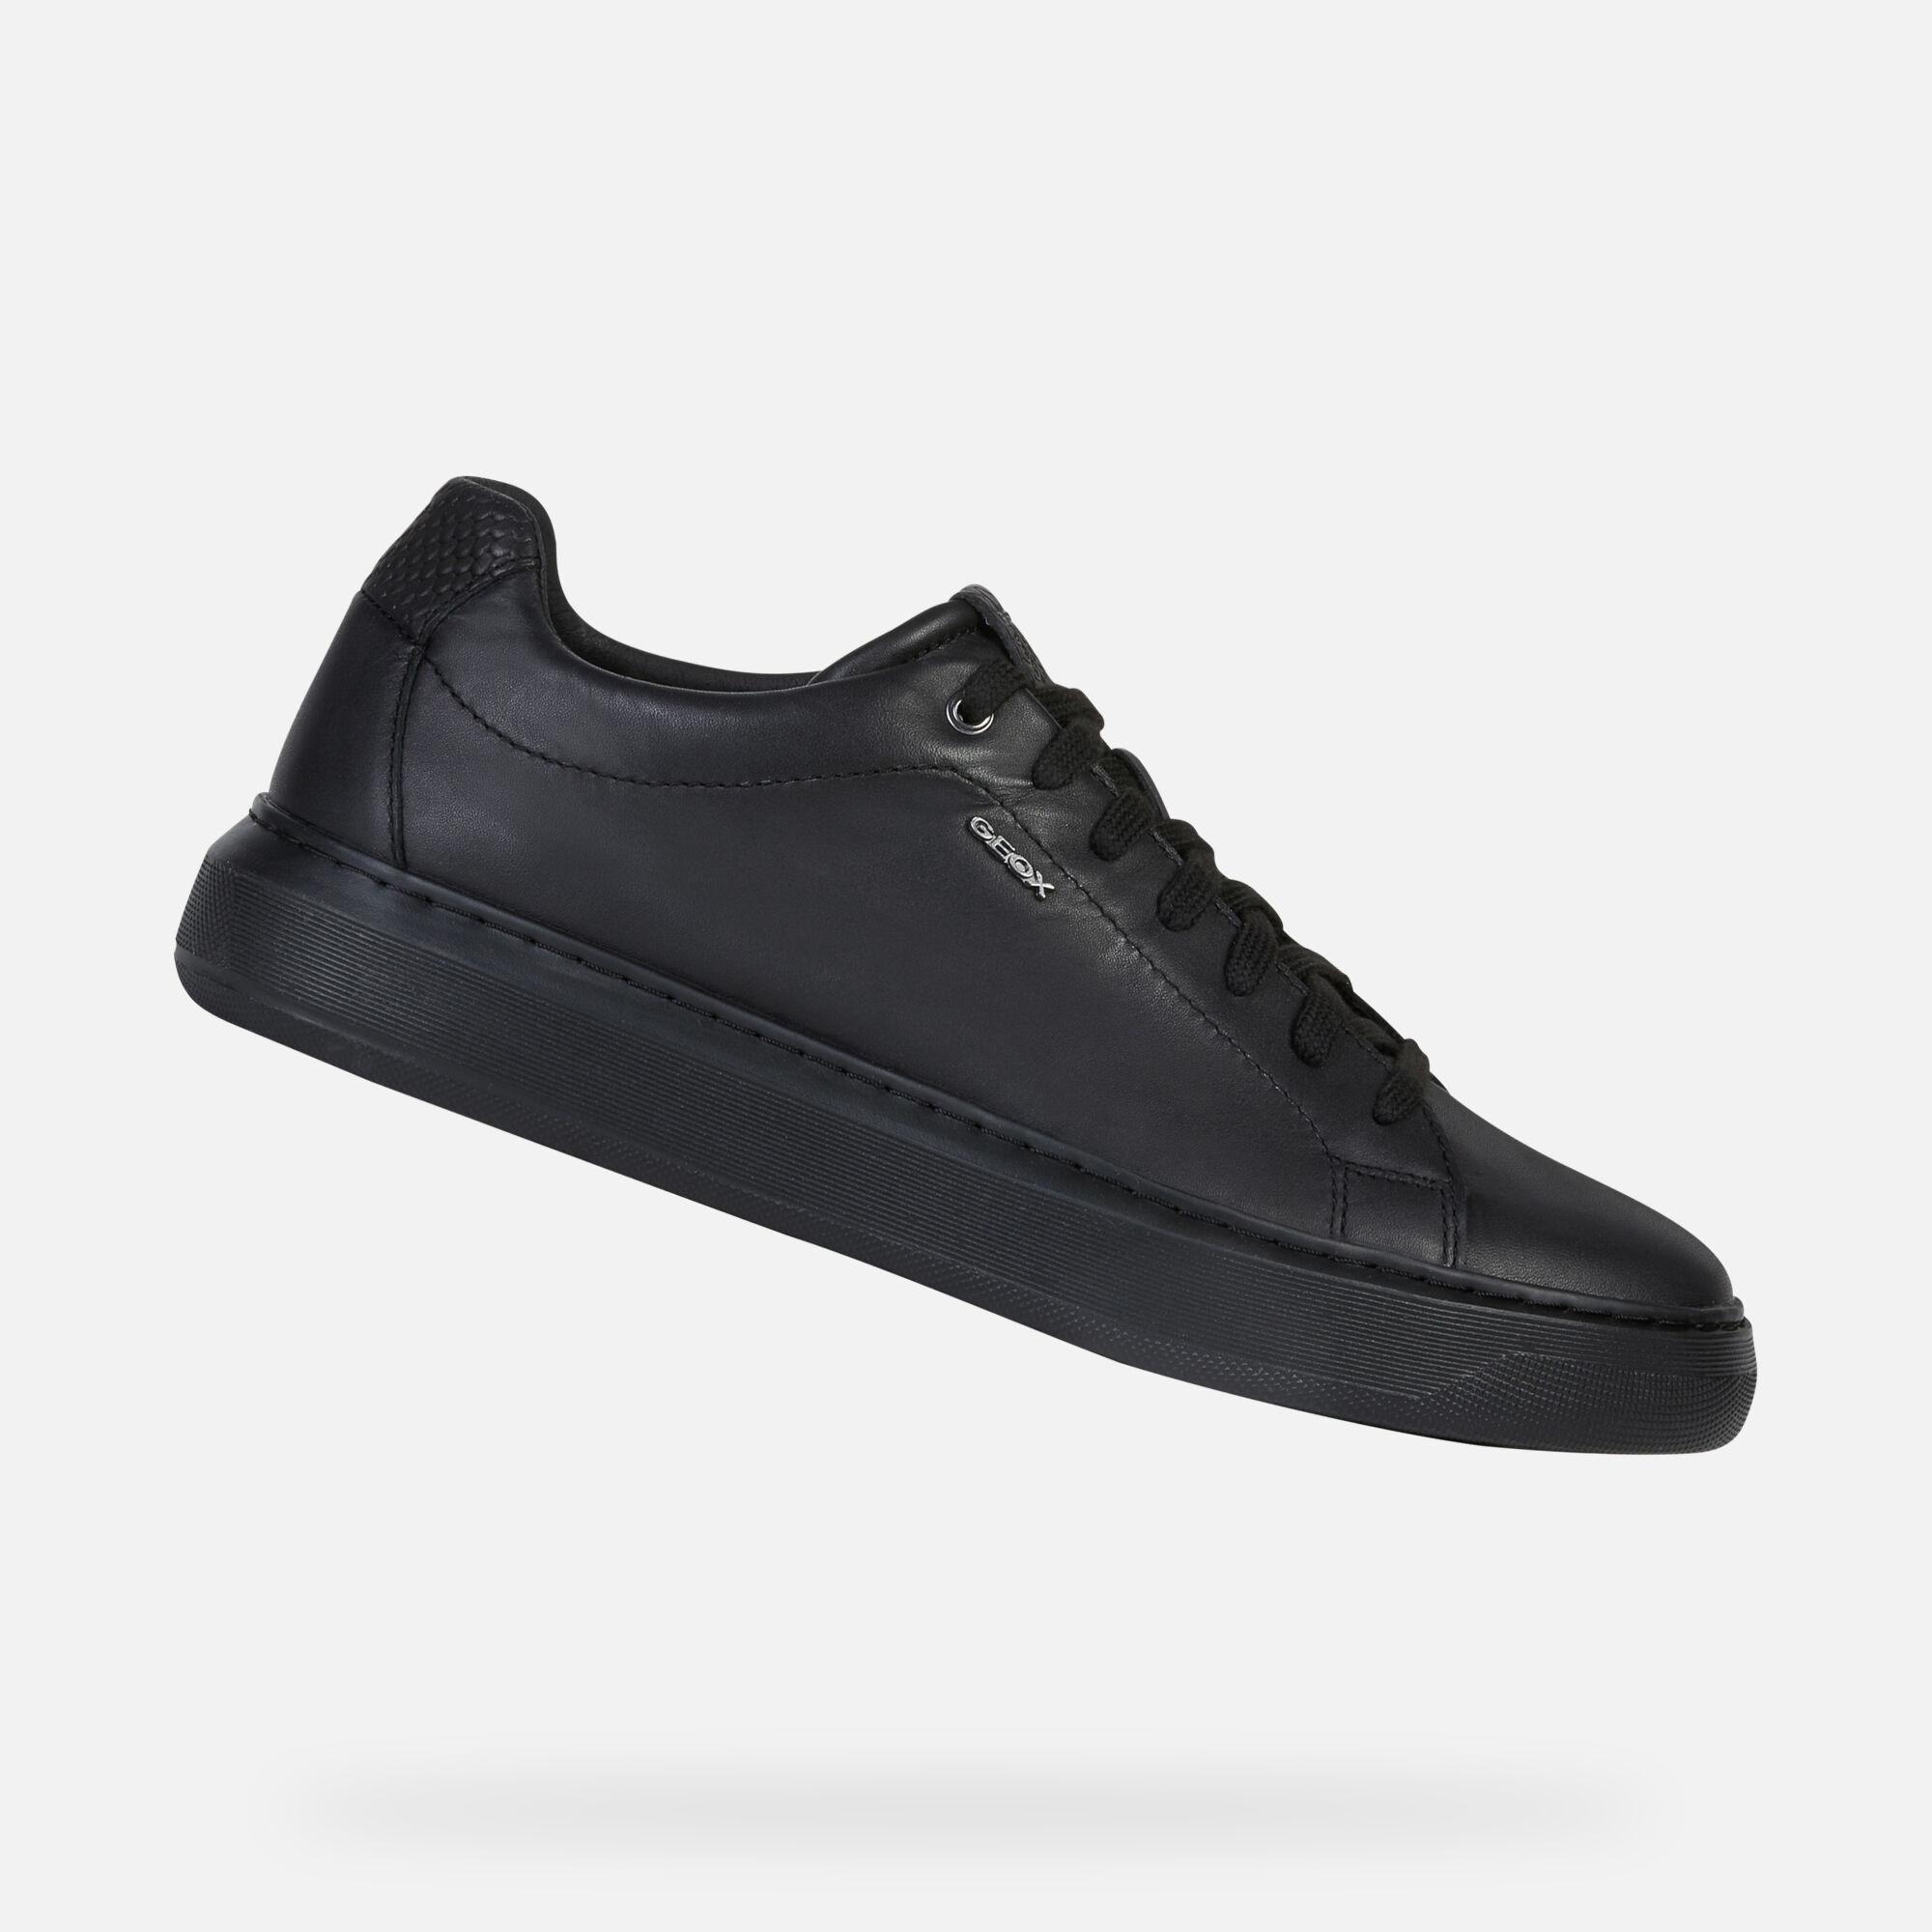 geox sneakers black